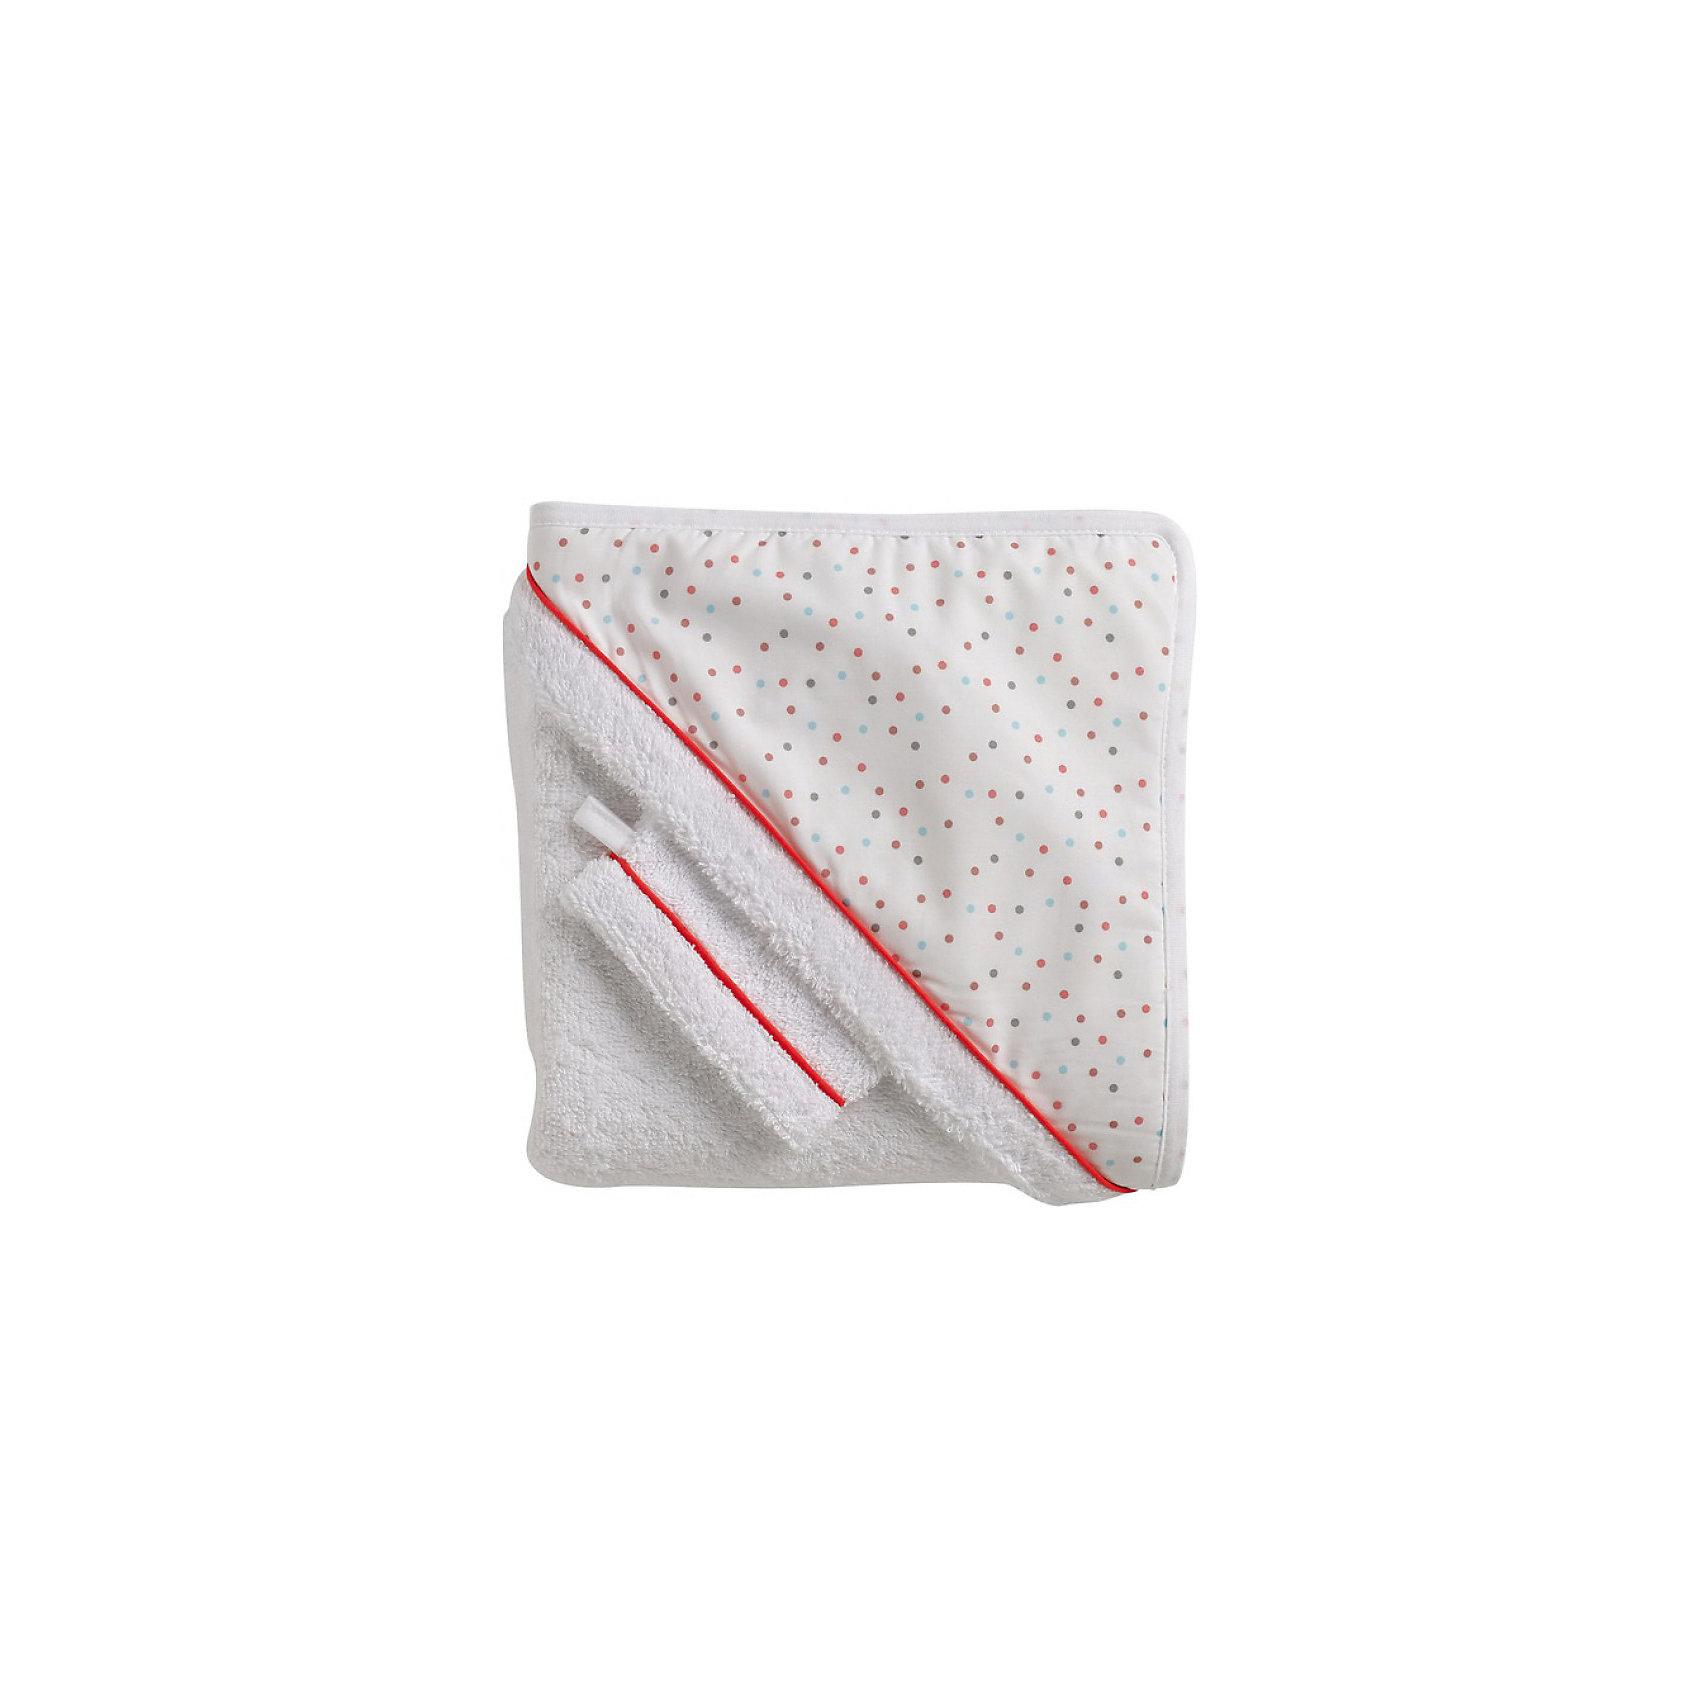 Махровое полотенце с уголком + варежка, Red CastleПолотенце с уголком и варежка для мытья ребенка Red Castle созданы для вашего малыша. Теперь купание будет приносить гораздо больше радостных моментов! Мягкое полотенце с капюшоном быстро впитывает влагу, очень приятно к телу. Варежка создана специально для нежной детской кожи, она бережно ухаживает за ней, устраняя загрязнения и не травмируя. Благодаря красивой упаковке, комплект идеально подойдет для подарка новорожденному малышу.<br><br>Дополнительная информация:<br><br>- Материал: хлопок 100%.<br>- Размер полотенца: 100х100 см.<br>- Комплектация:<br>- Прекрасно впитывает.<br>- Капюшон покрыт фирменным хлопком Fleur de Coton.<br><br>Махровое полотенце с уголком + варежка, Red Castle, можно купить в нашем магазине.<br><br>Ширина мм: 340<br>Глубина мм: 40<br>Высота мм: 340<br>Вес г: 700<br>Цвет: разноцветный<br>Возраст от месяцев: 0<br>Возраст до месяцев: 24<br>Пол: Унисекс<br>Возраст: Детский<br>SKU: 4615066